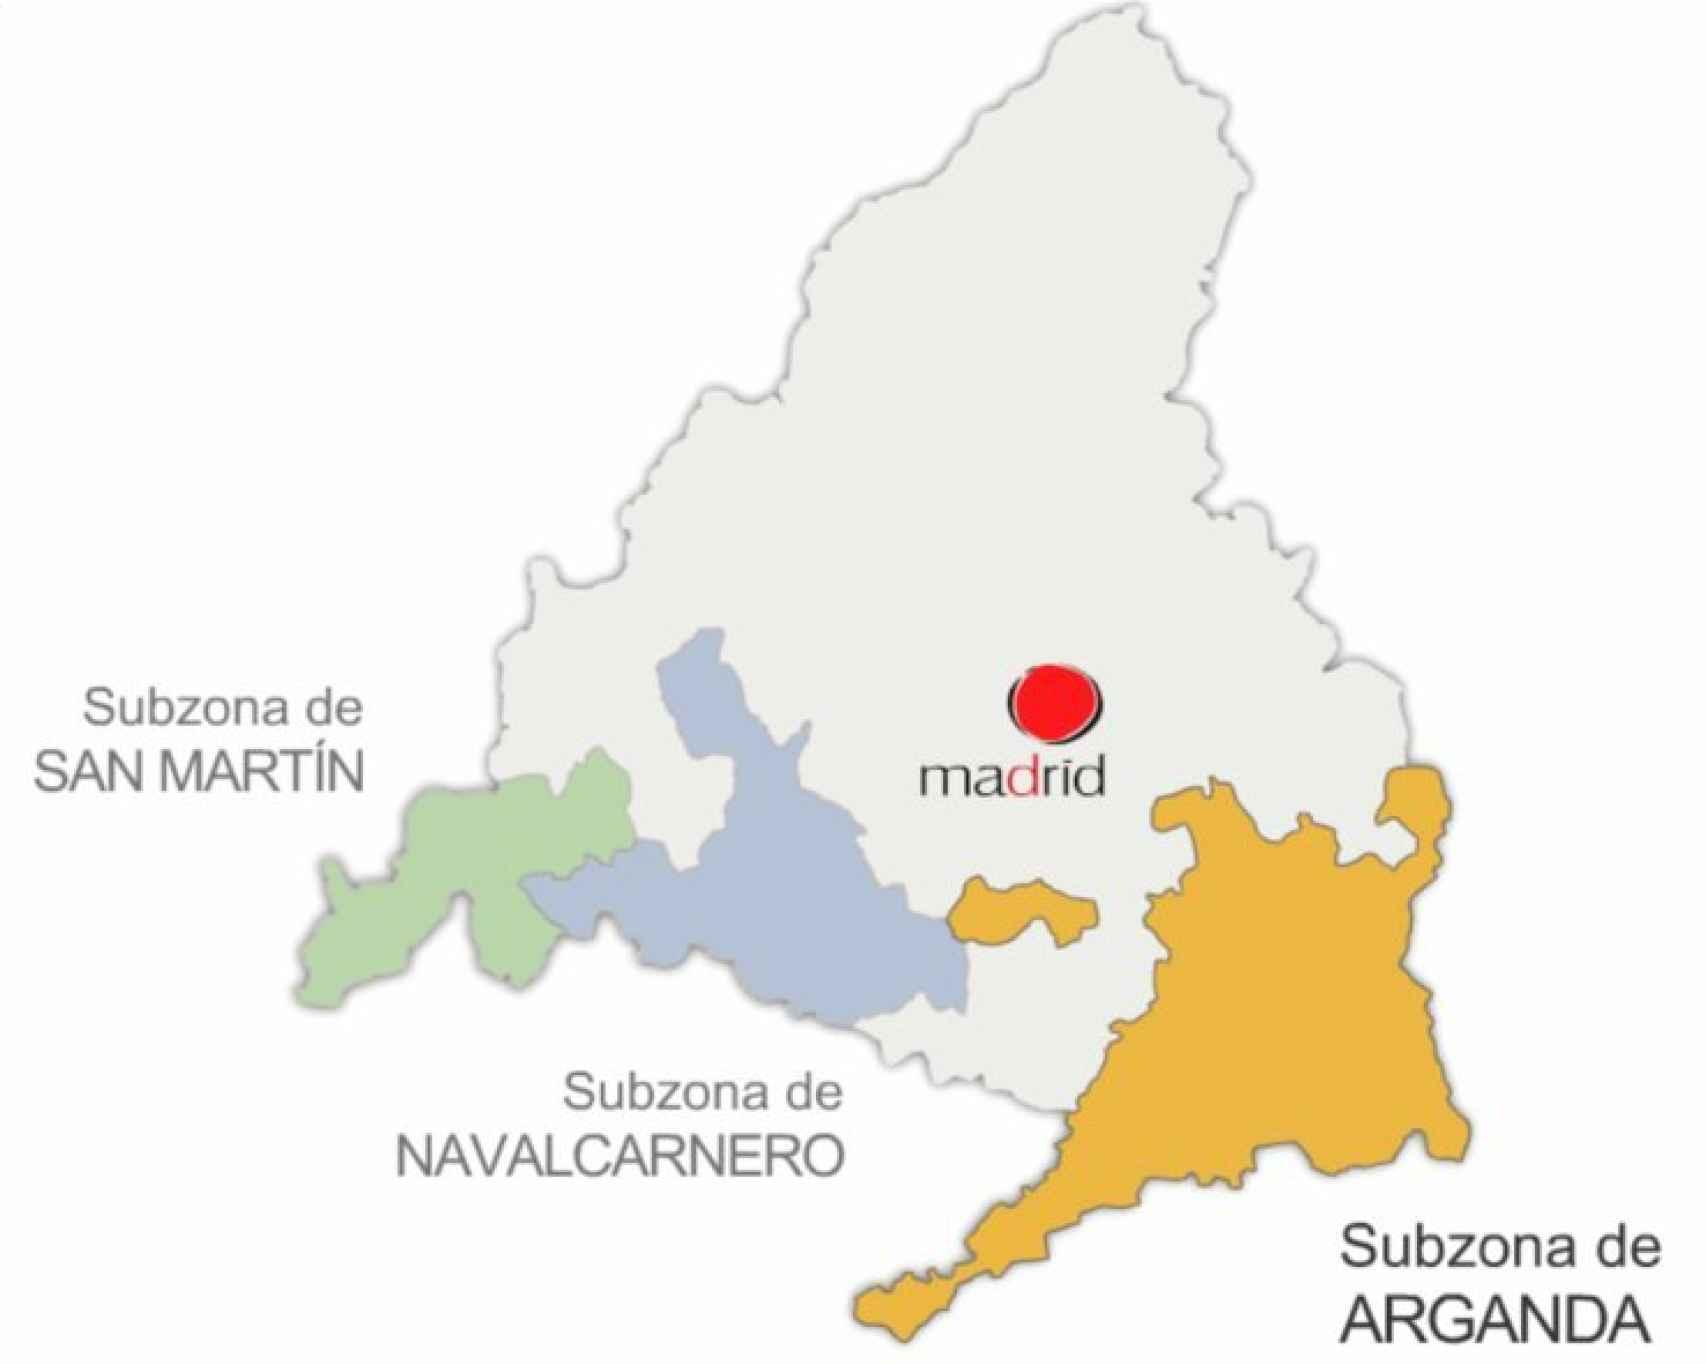 Mapa enológico de la D.O. Vinos de Madrid.